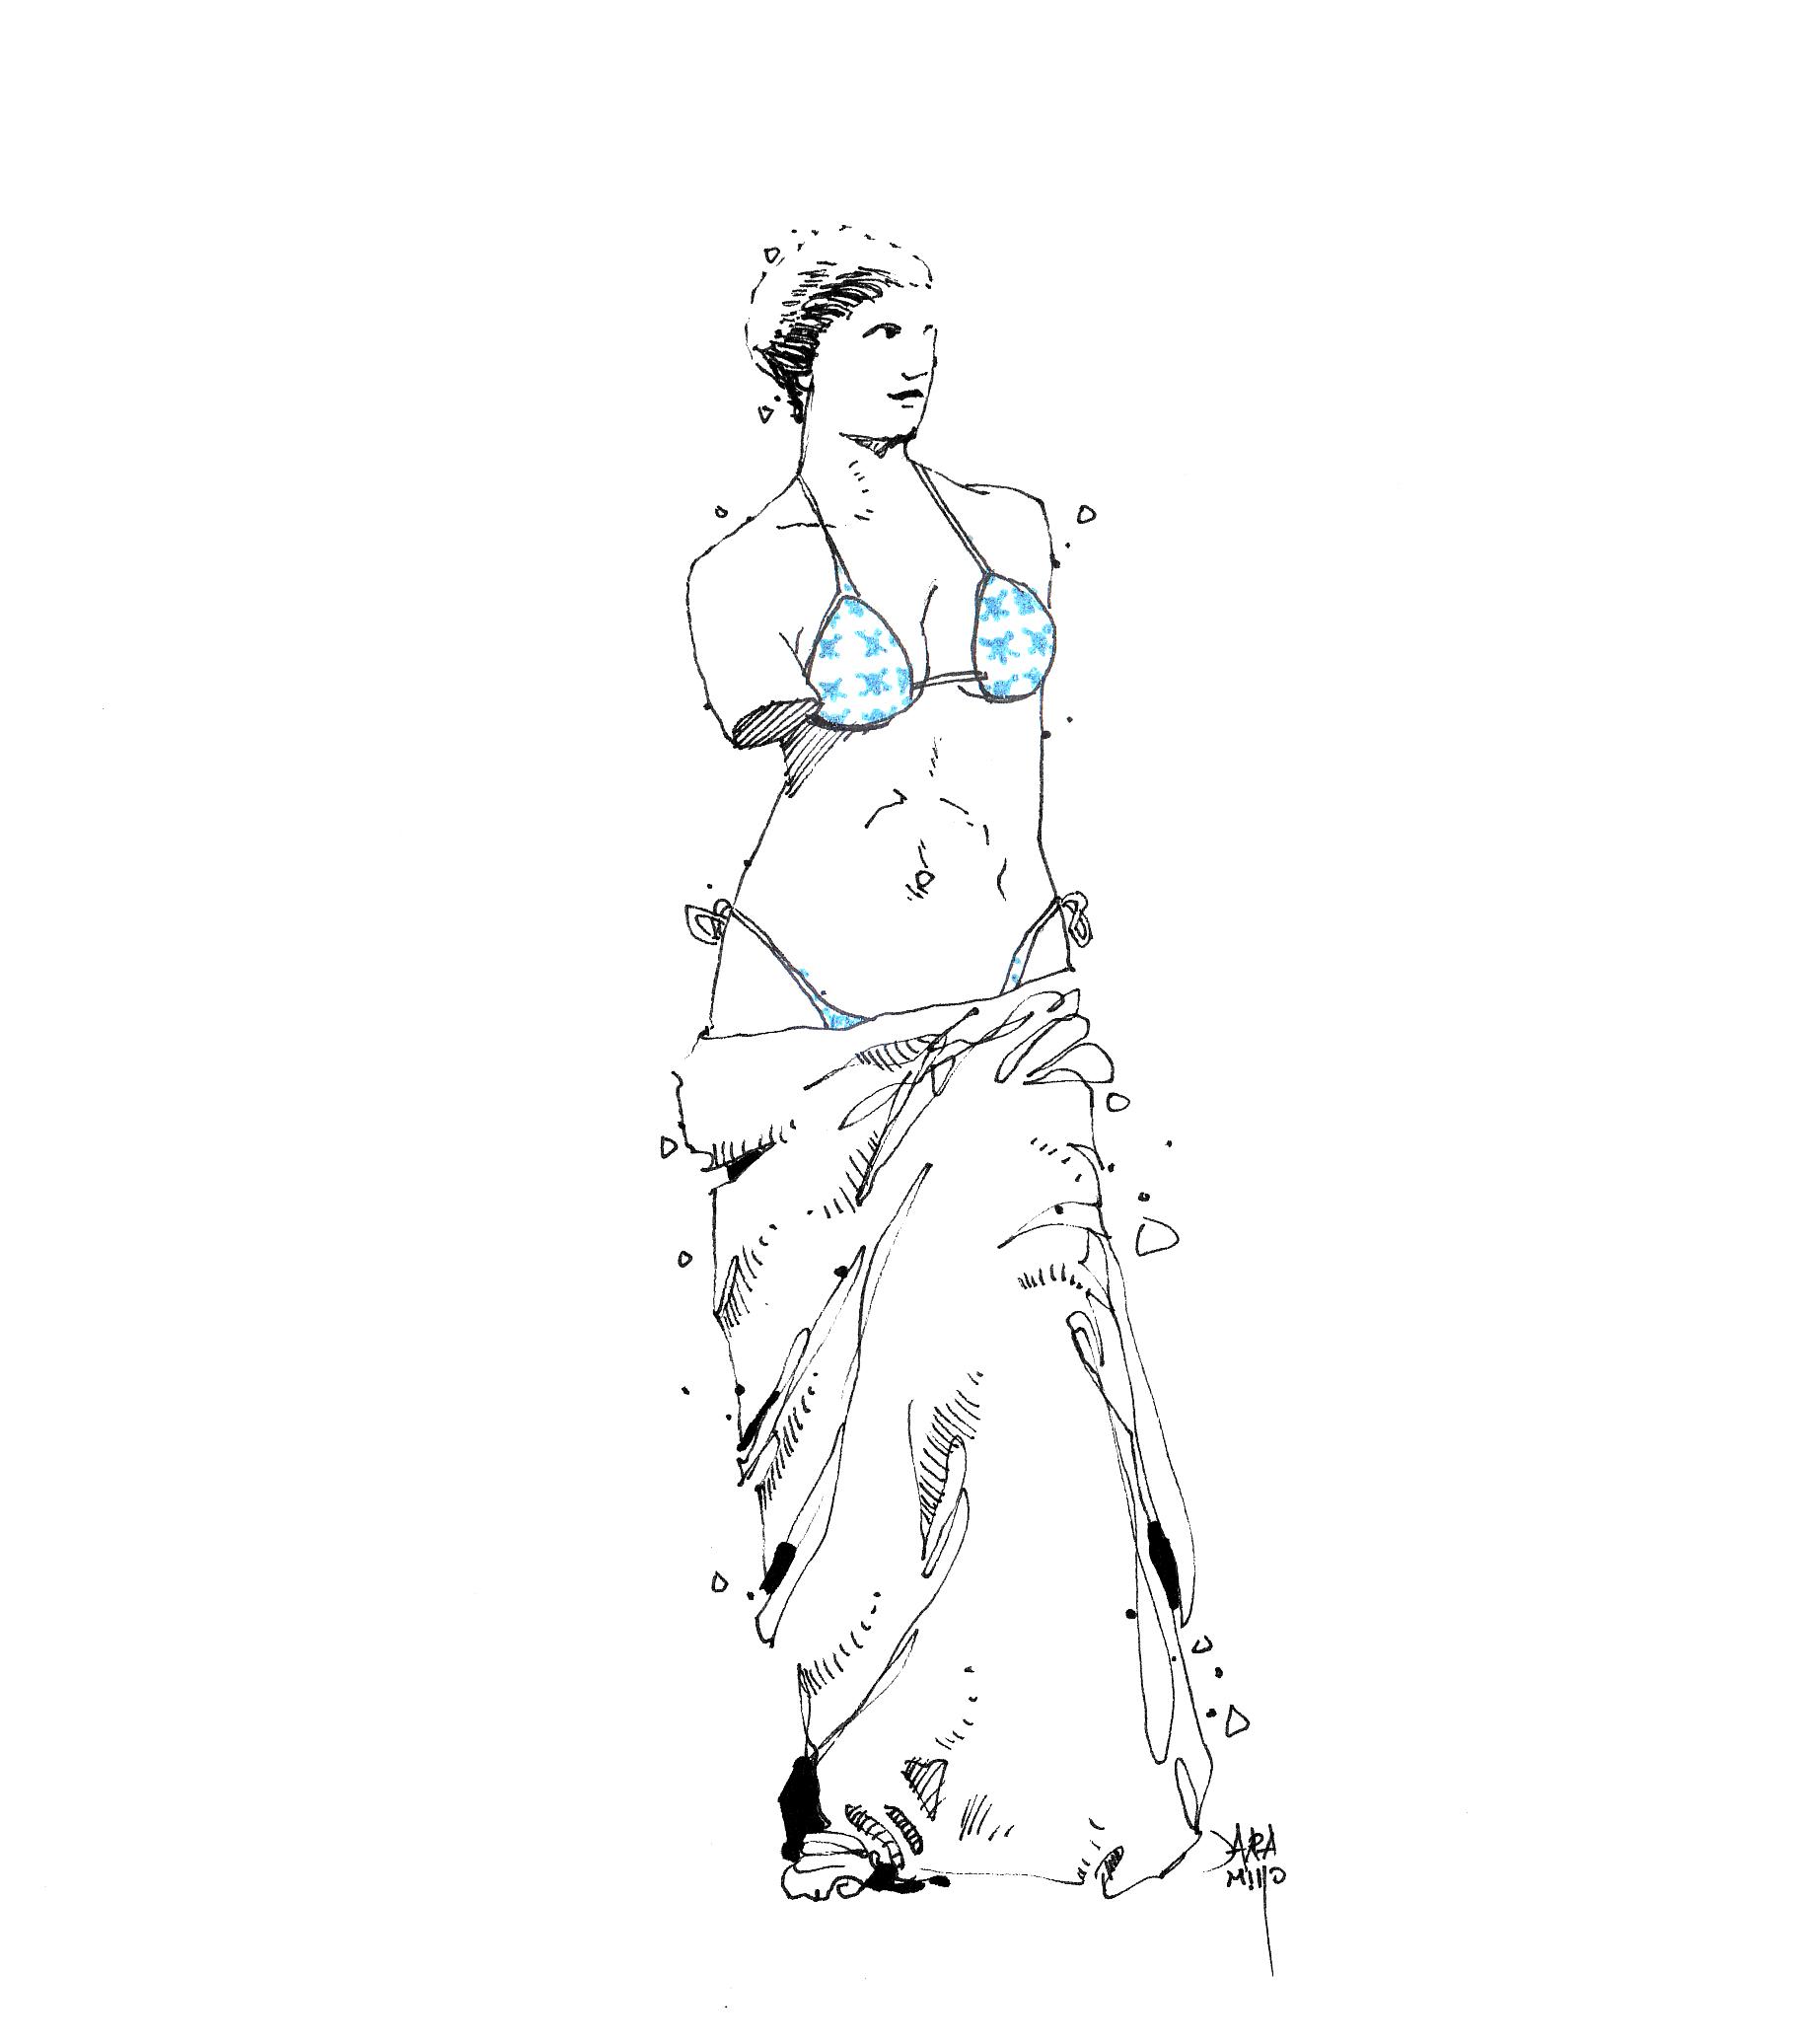 La venus de milo en traje de baño